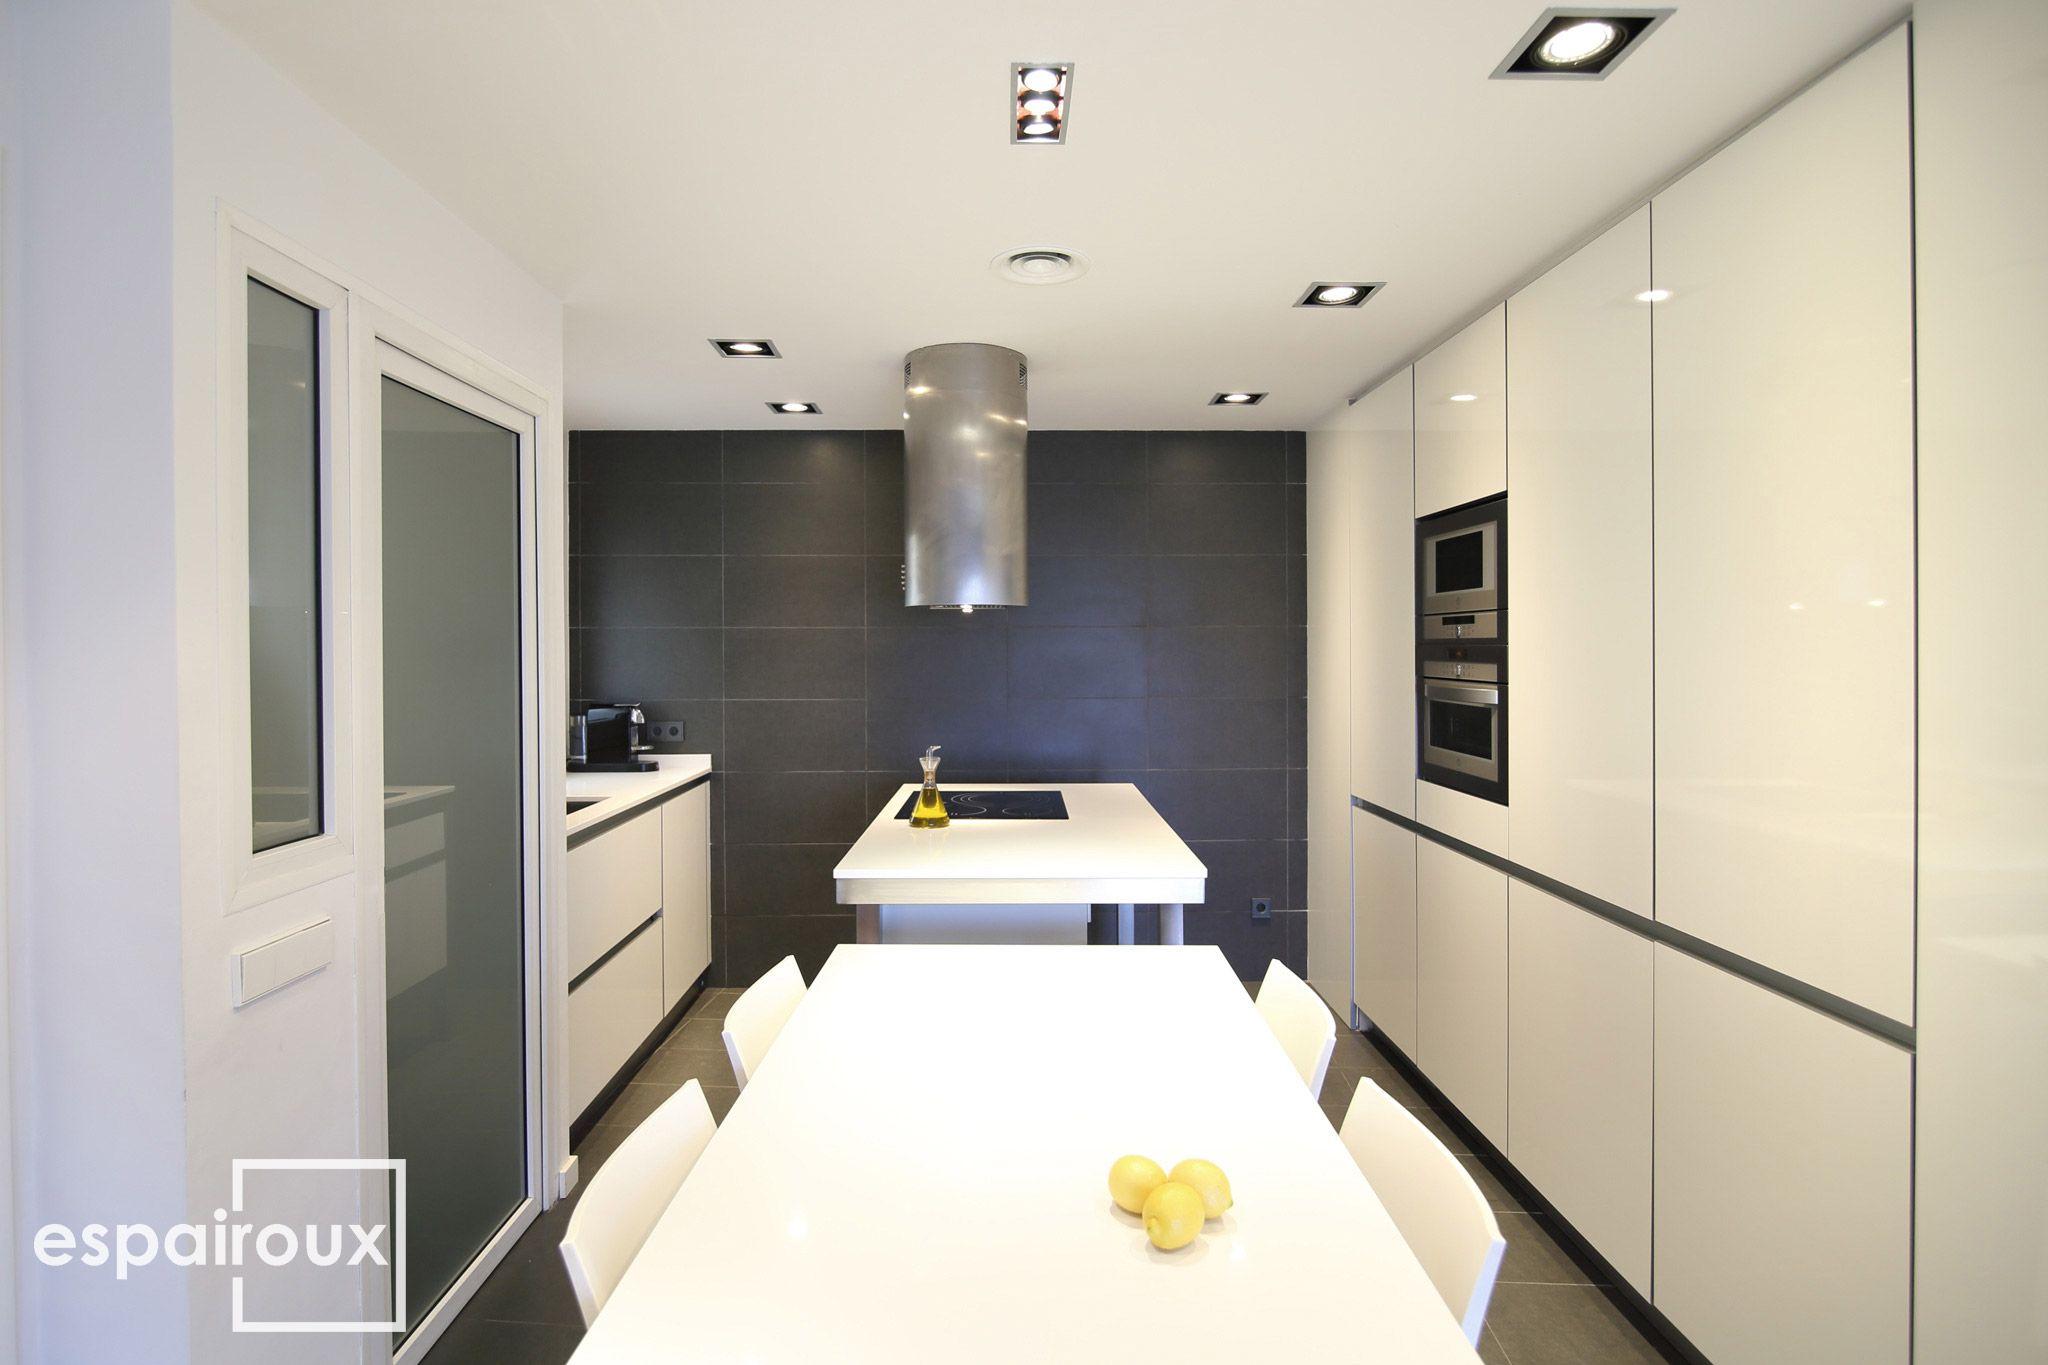 Cocina Reforma Interior De Una Vivienda En Poblenou Barcelona  # Muebles Blanco Poblenou